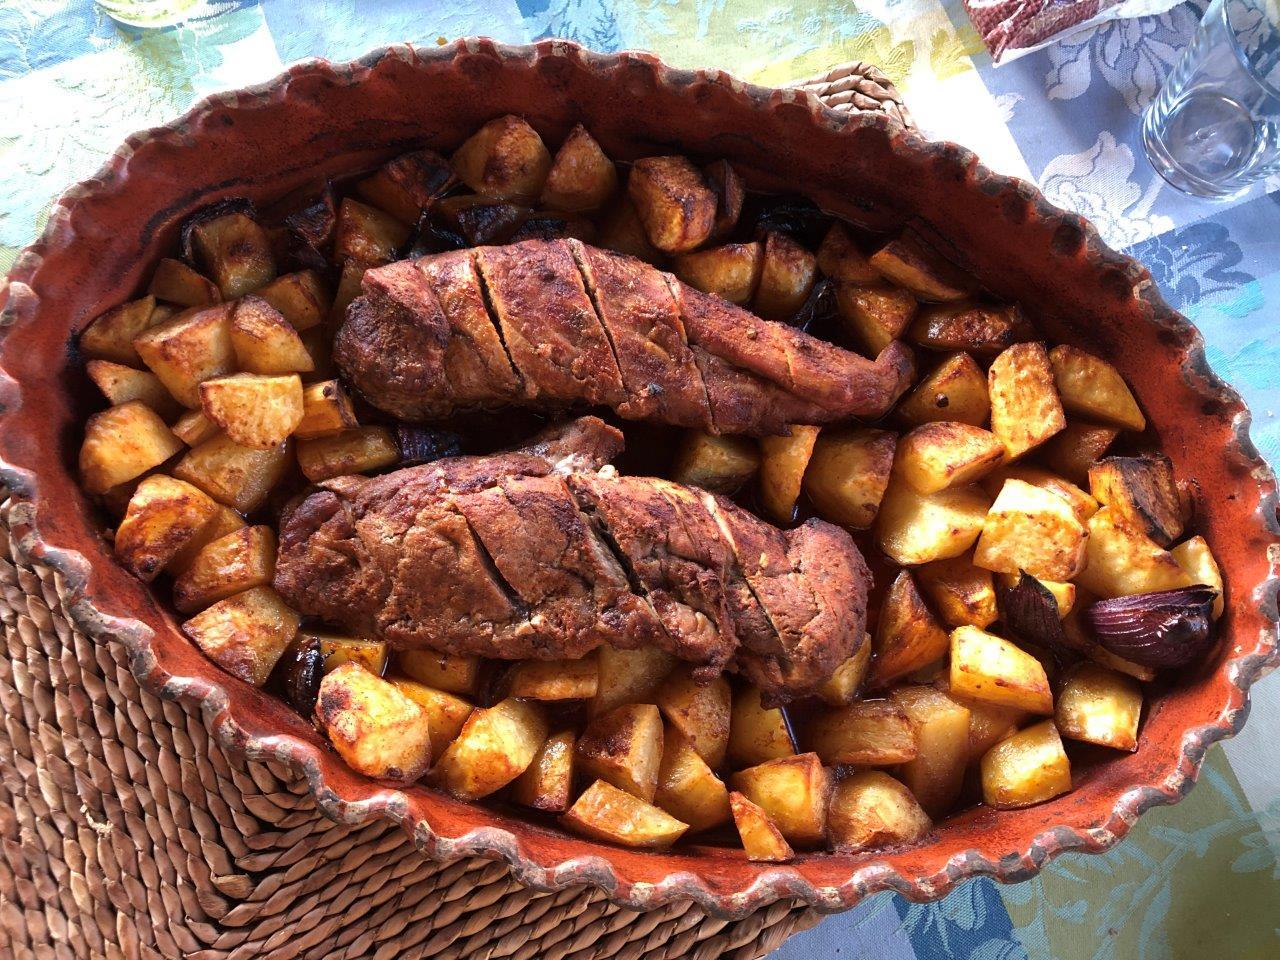 lombinhos assados no forno com batata a acompanhar (para 6 pessoas) - Lombinhos assados no forno com Batata a acompanhar